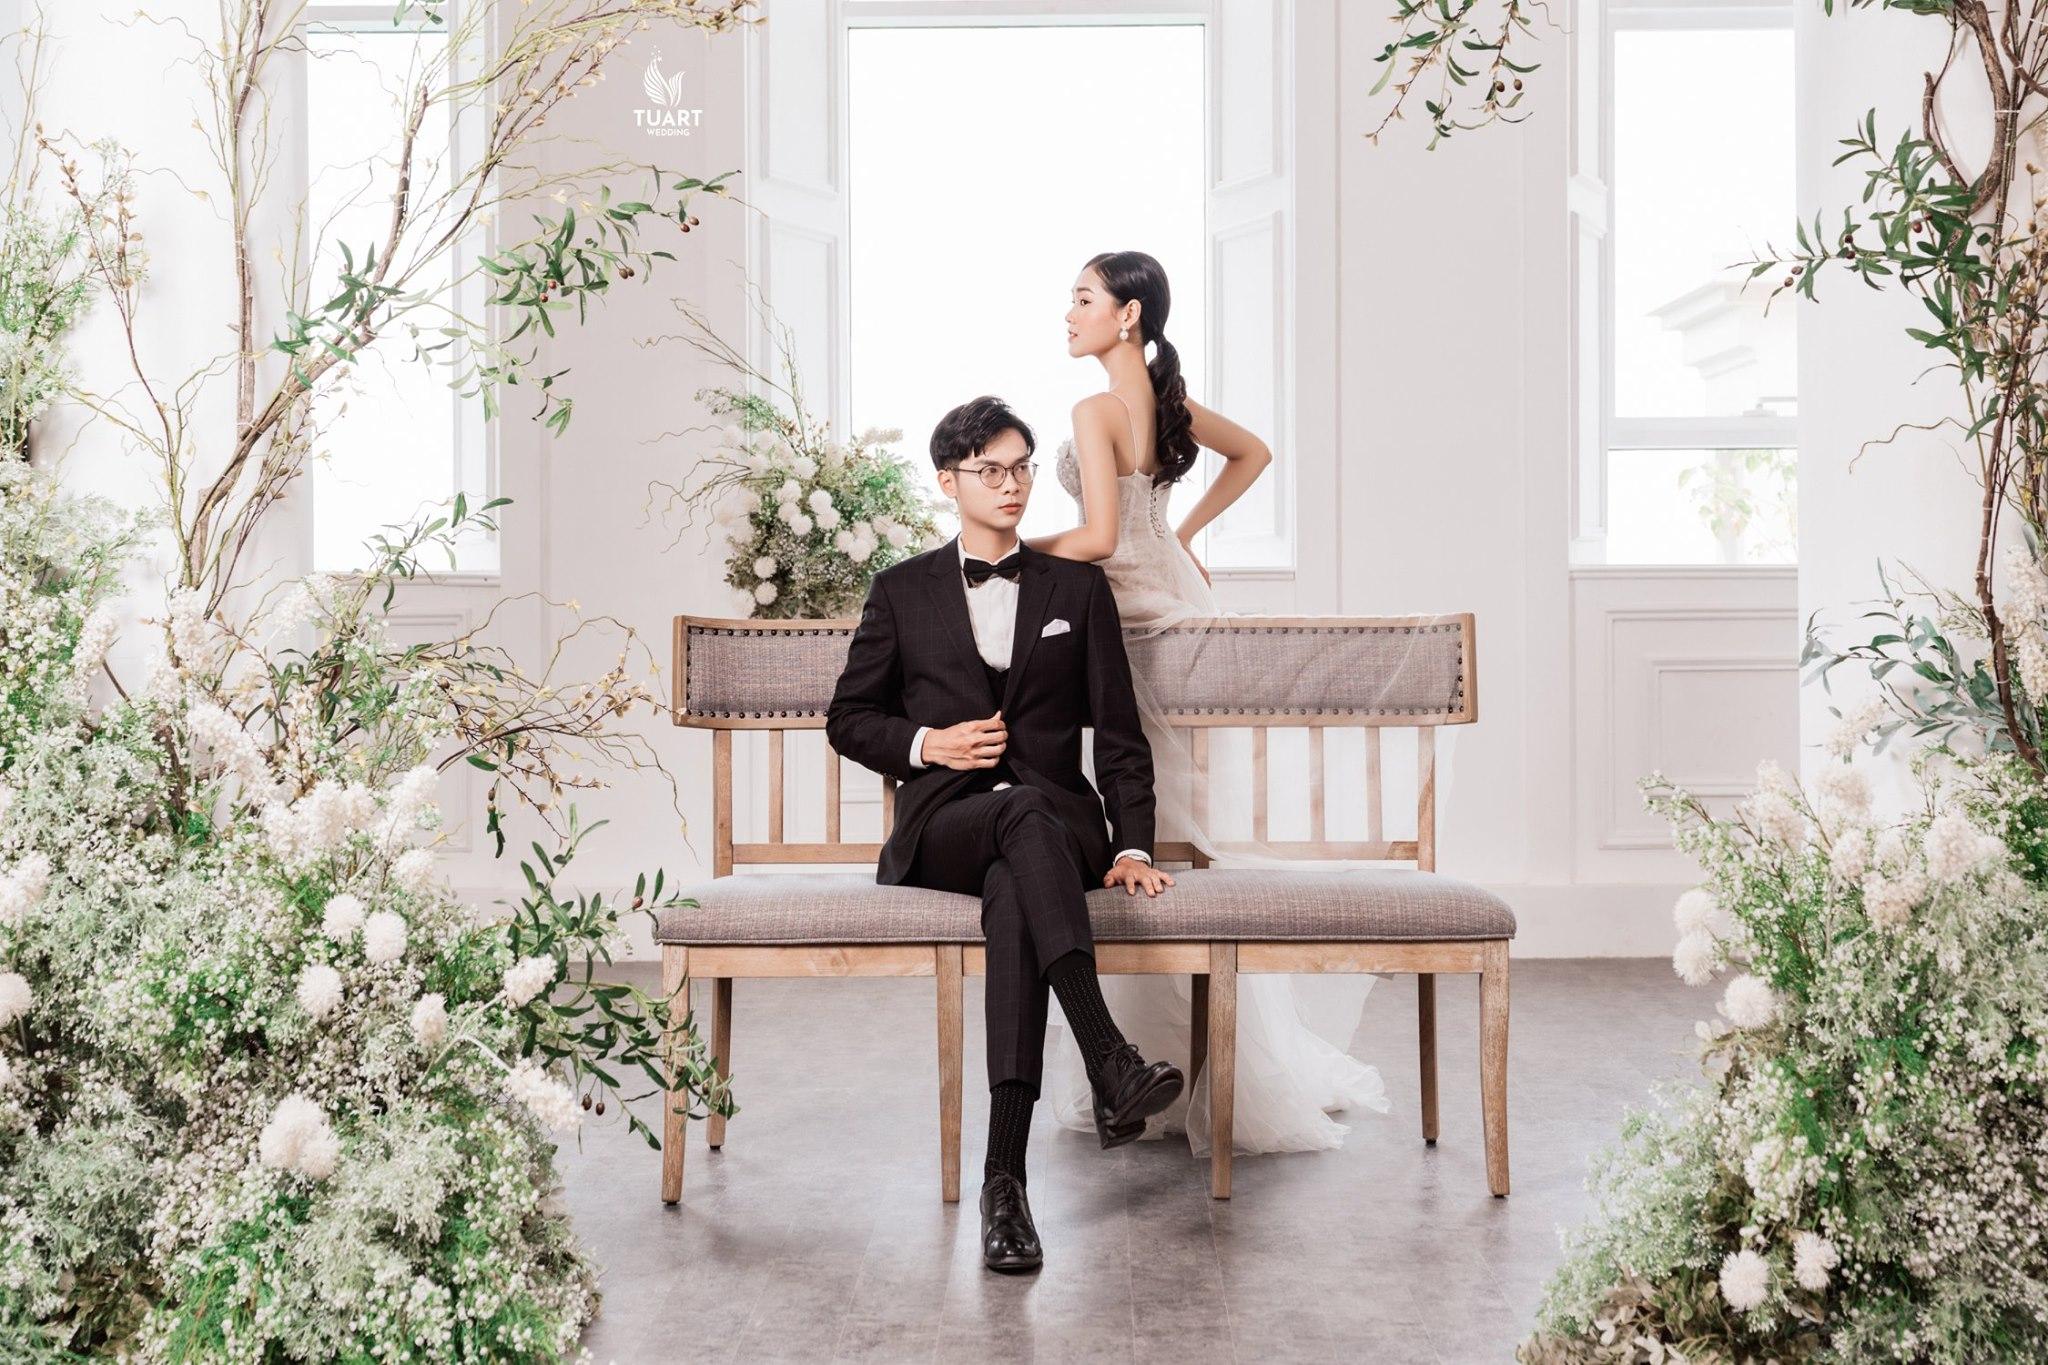 Album chụp ảnh cưới đẹp tại Hà Nội: 5 Graden Studio 26